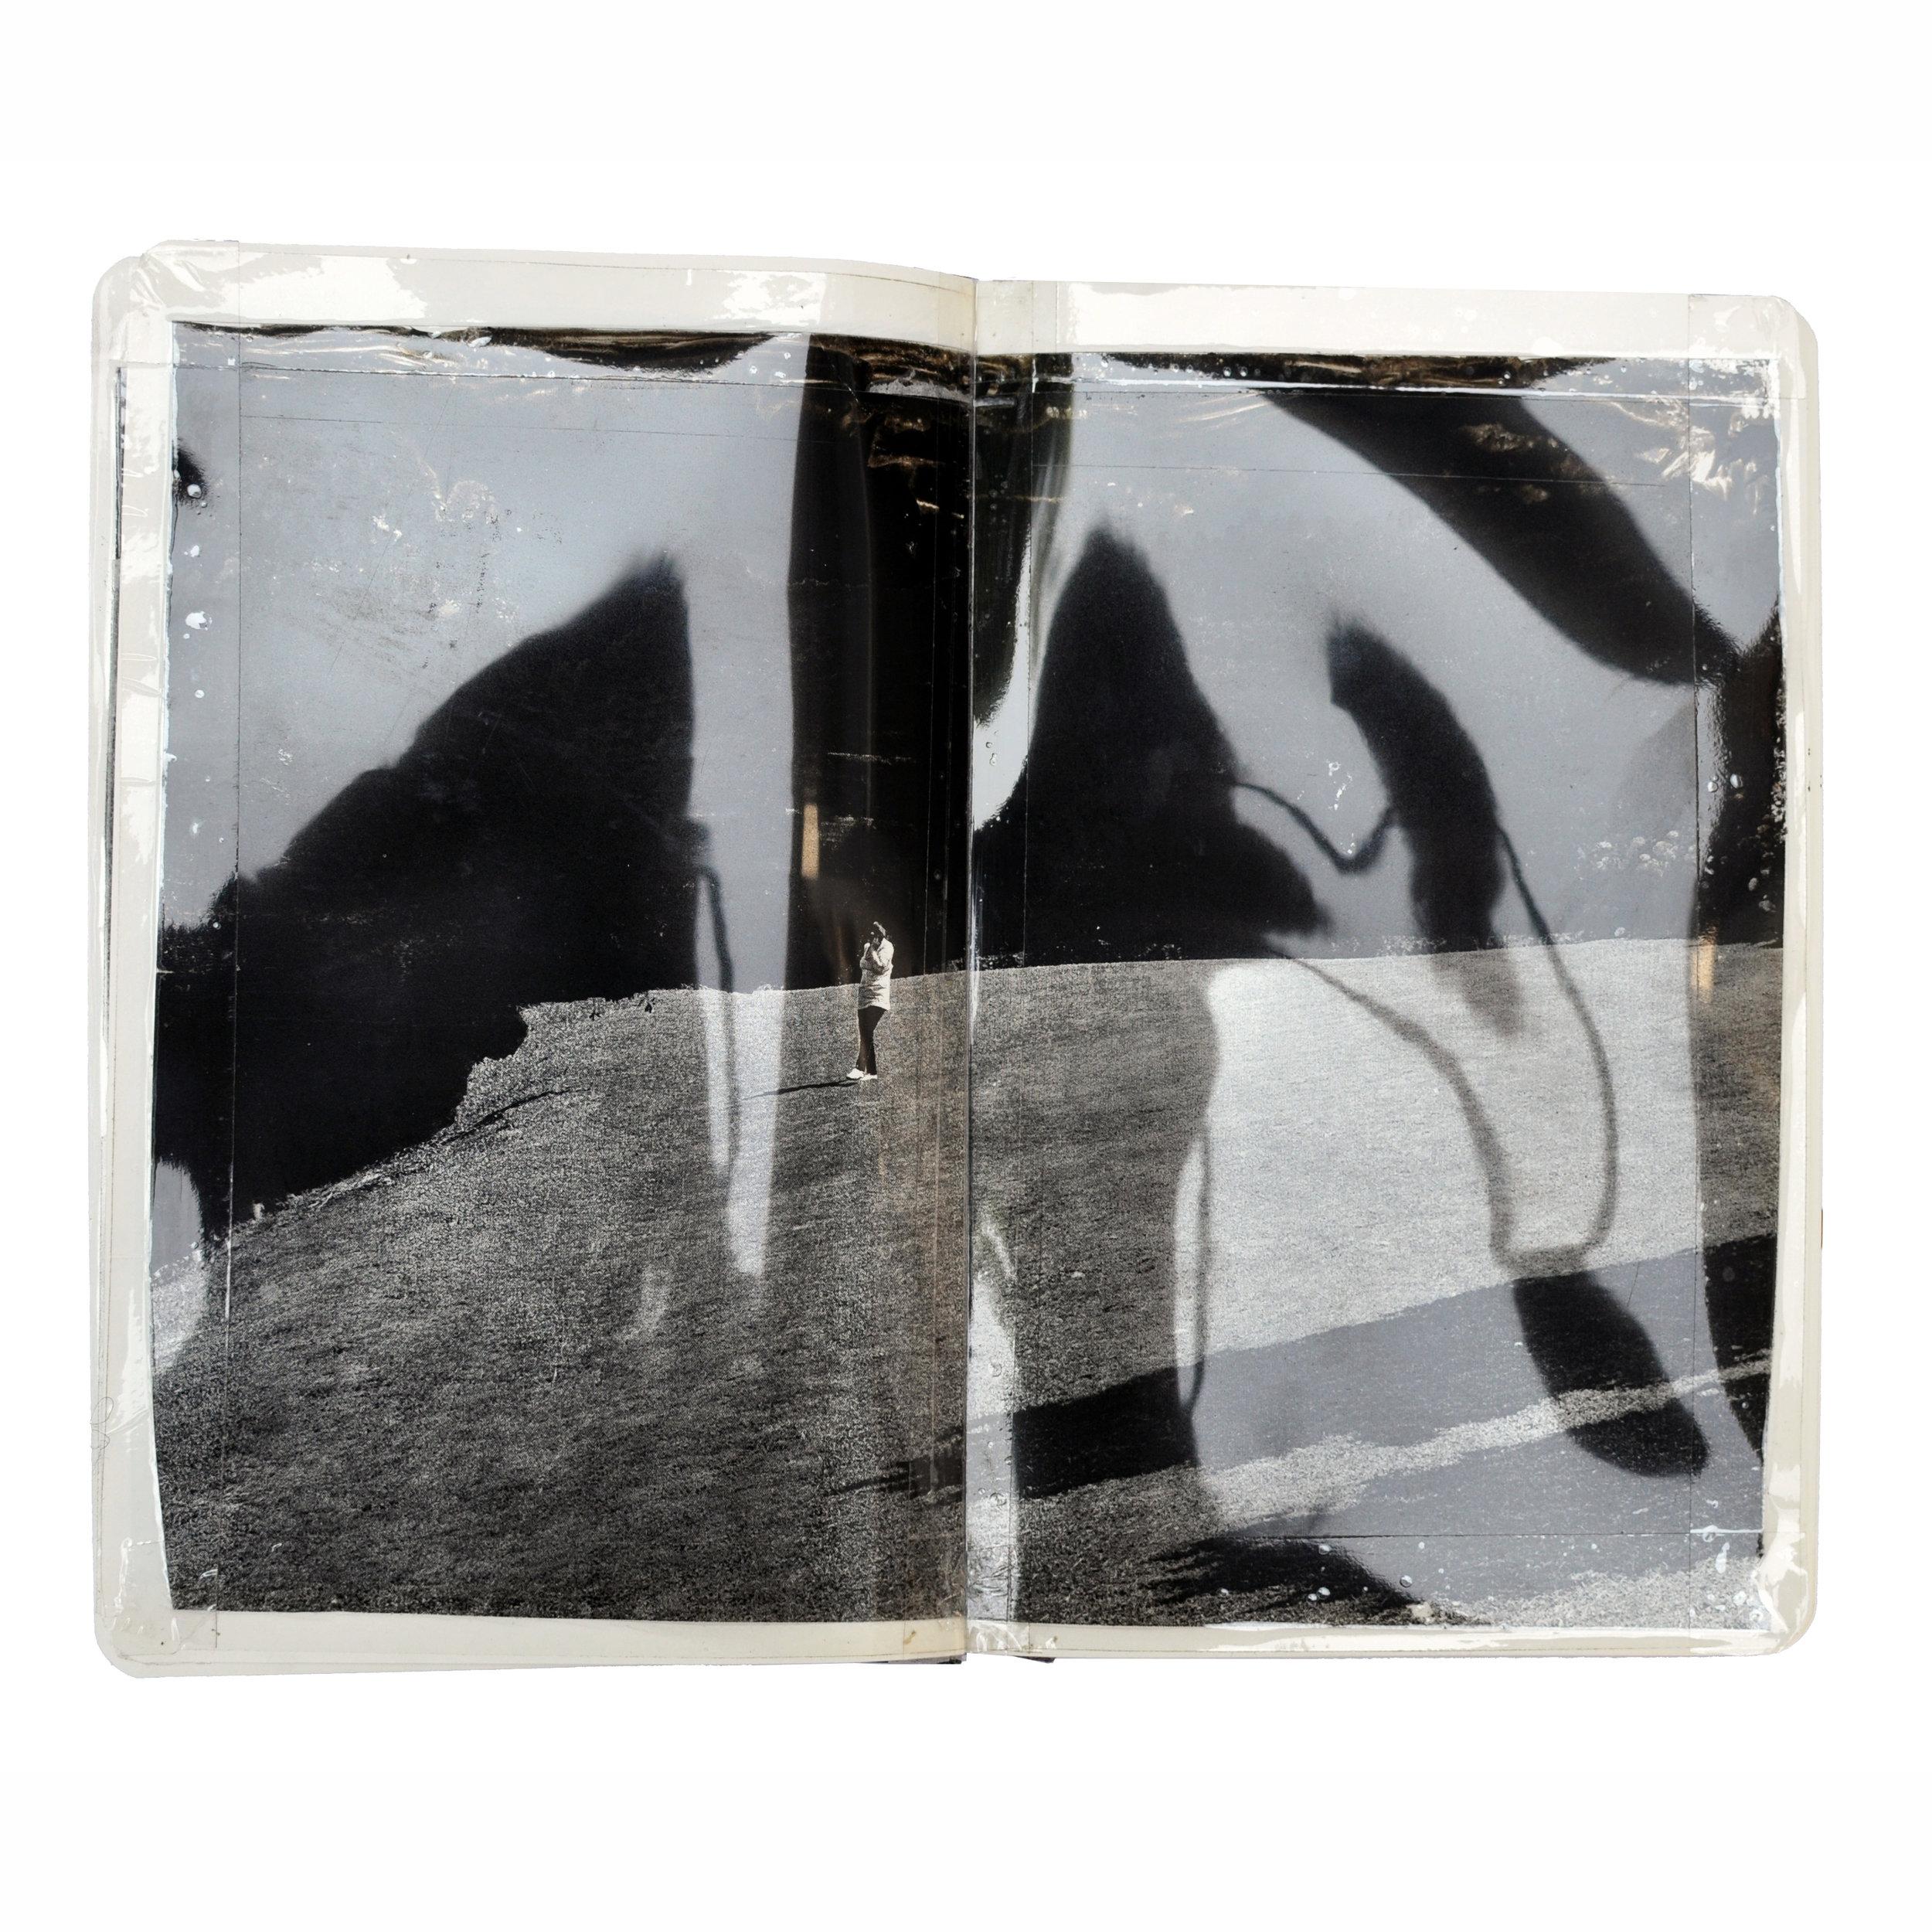 Cuaderno 1: Estudios para permanecer, 2013